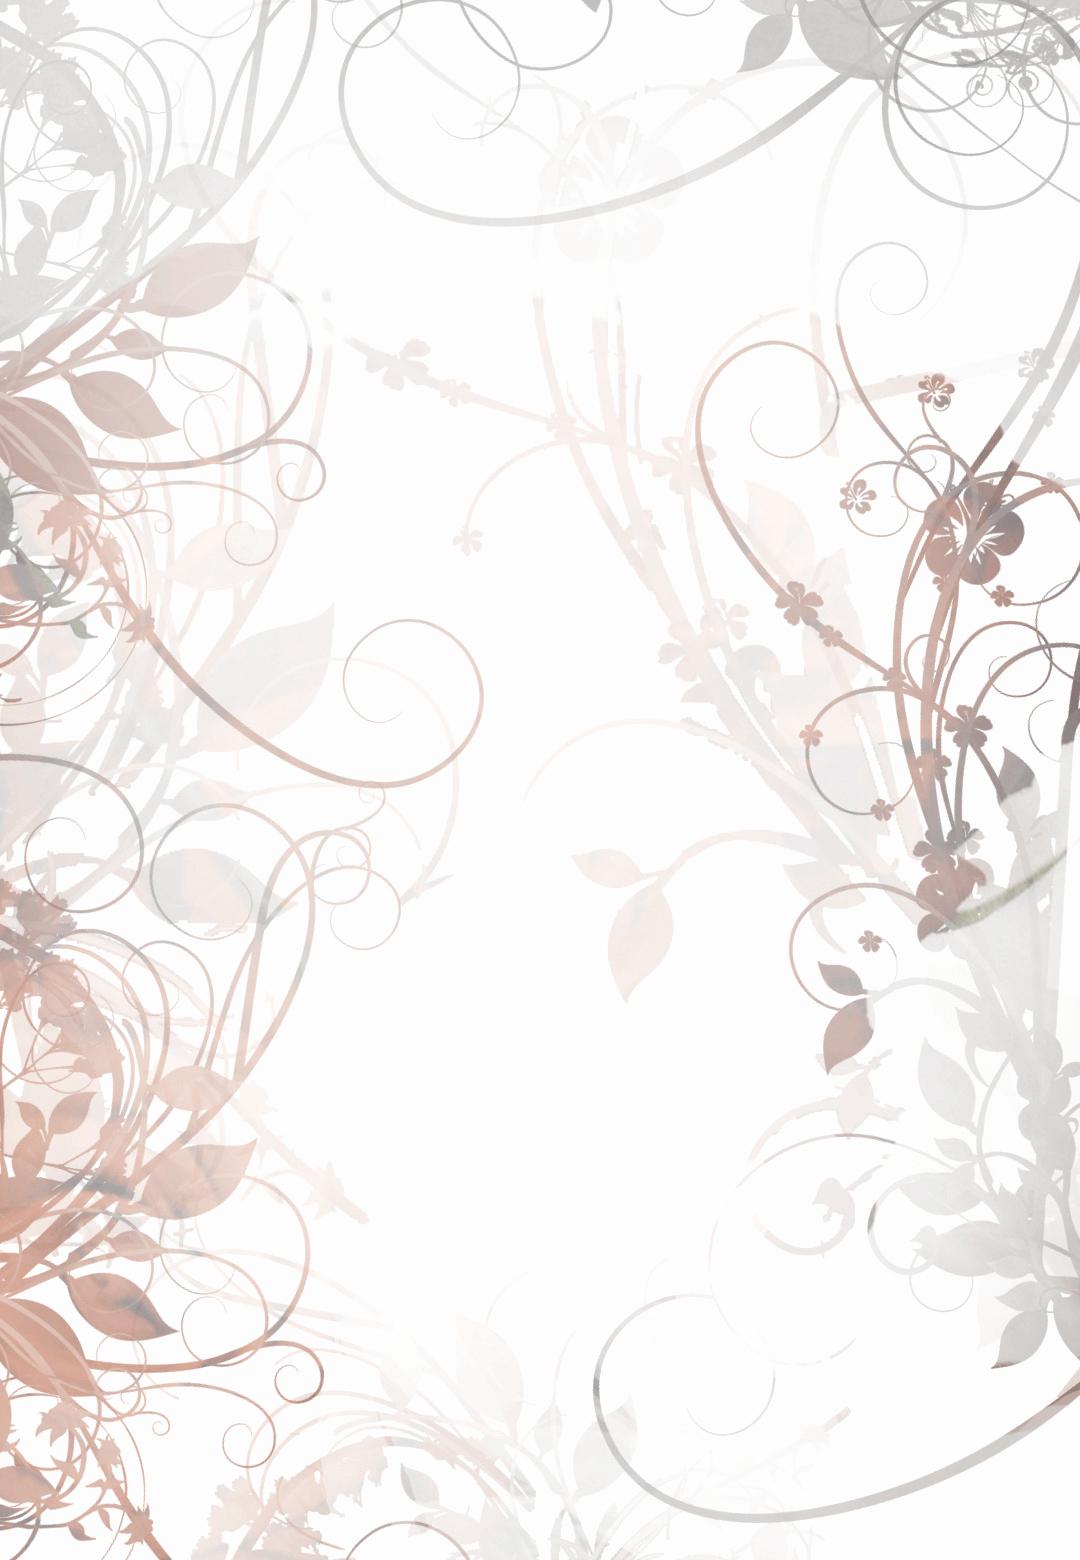 Wedding Invitation Border Designs Best Of Floral Bridal Shower Free Printable Bridal Shower